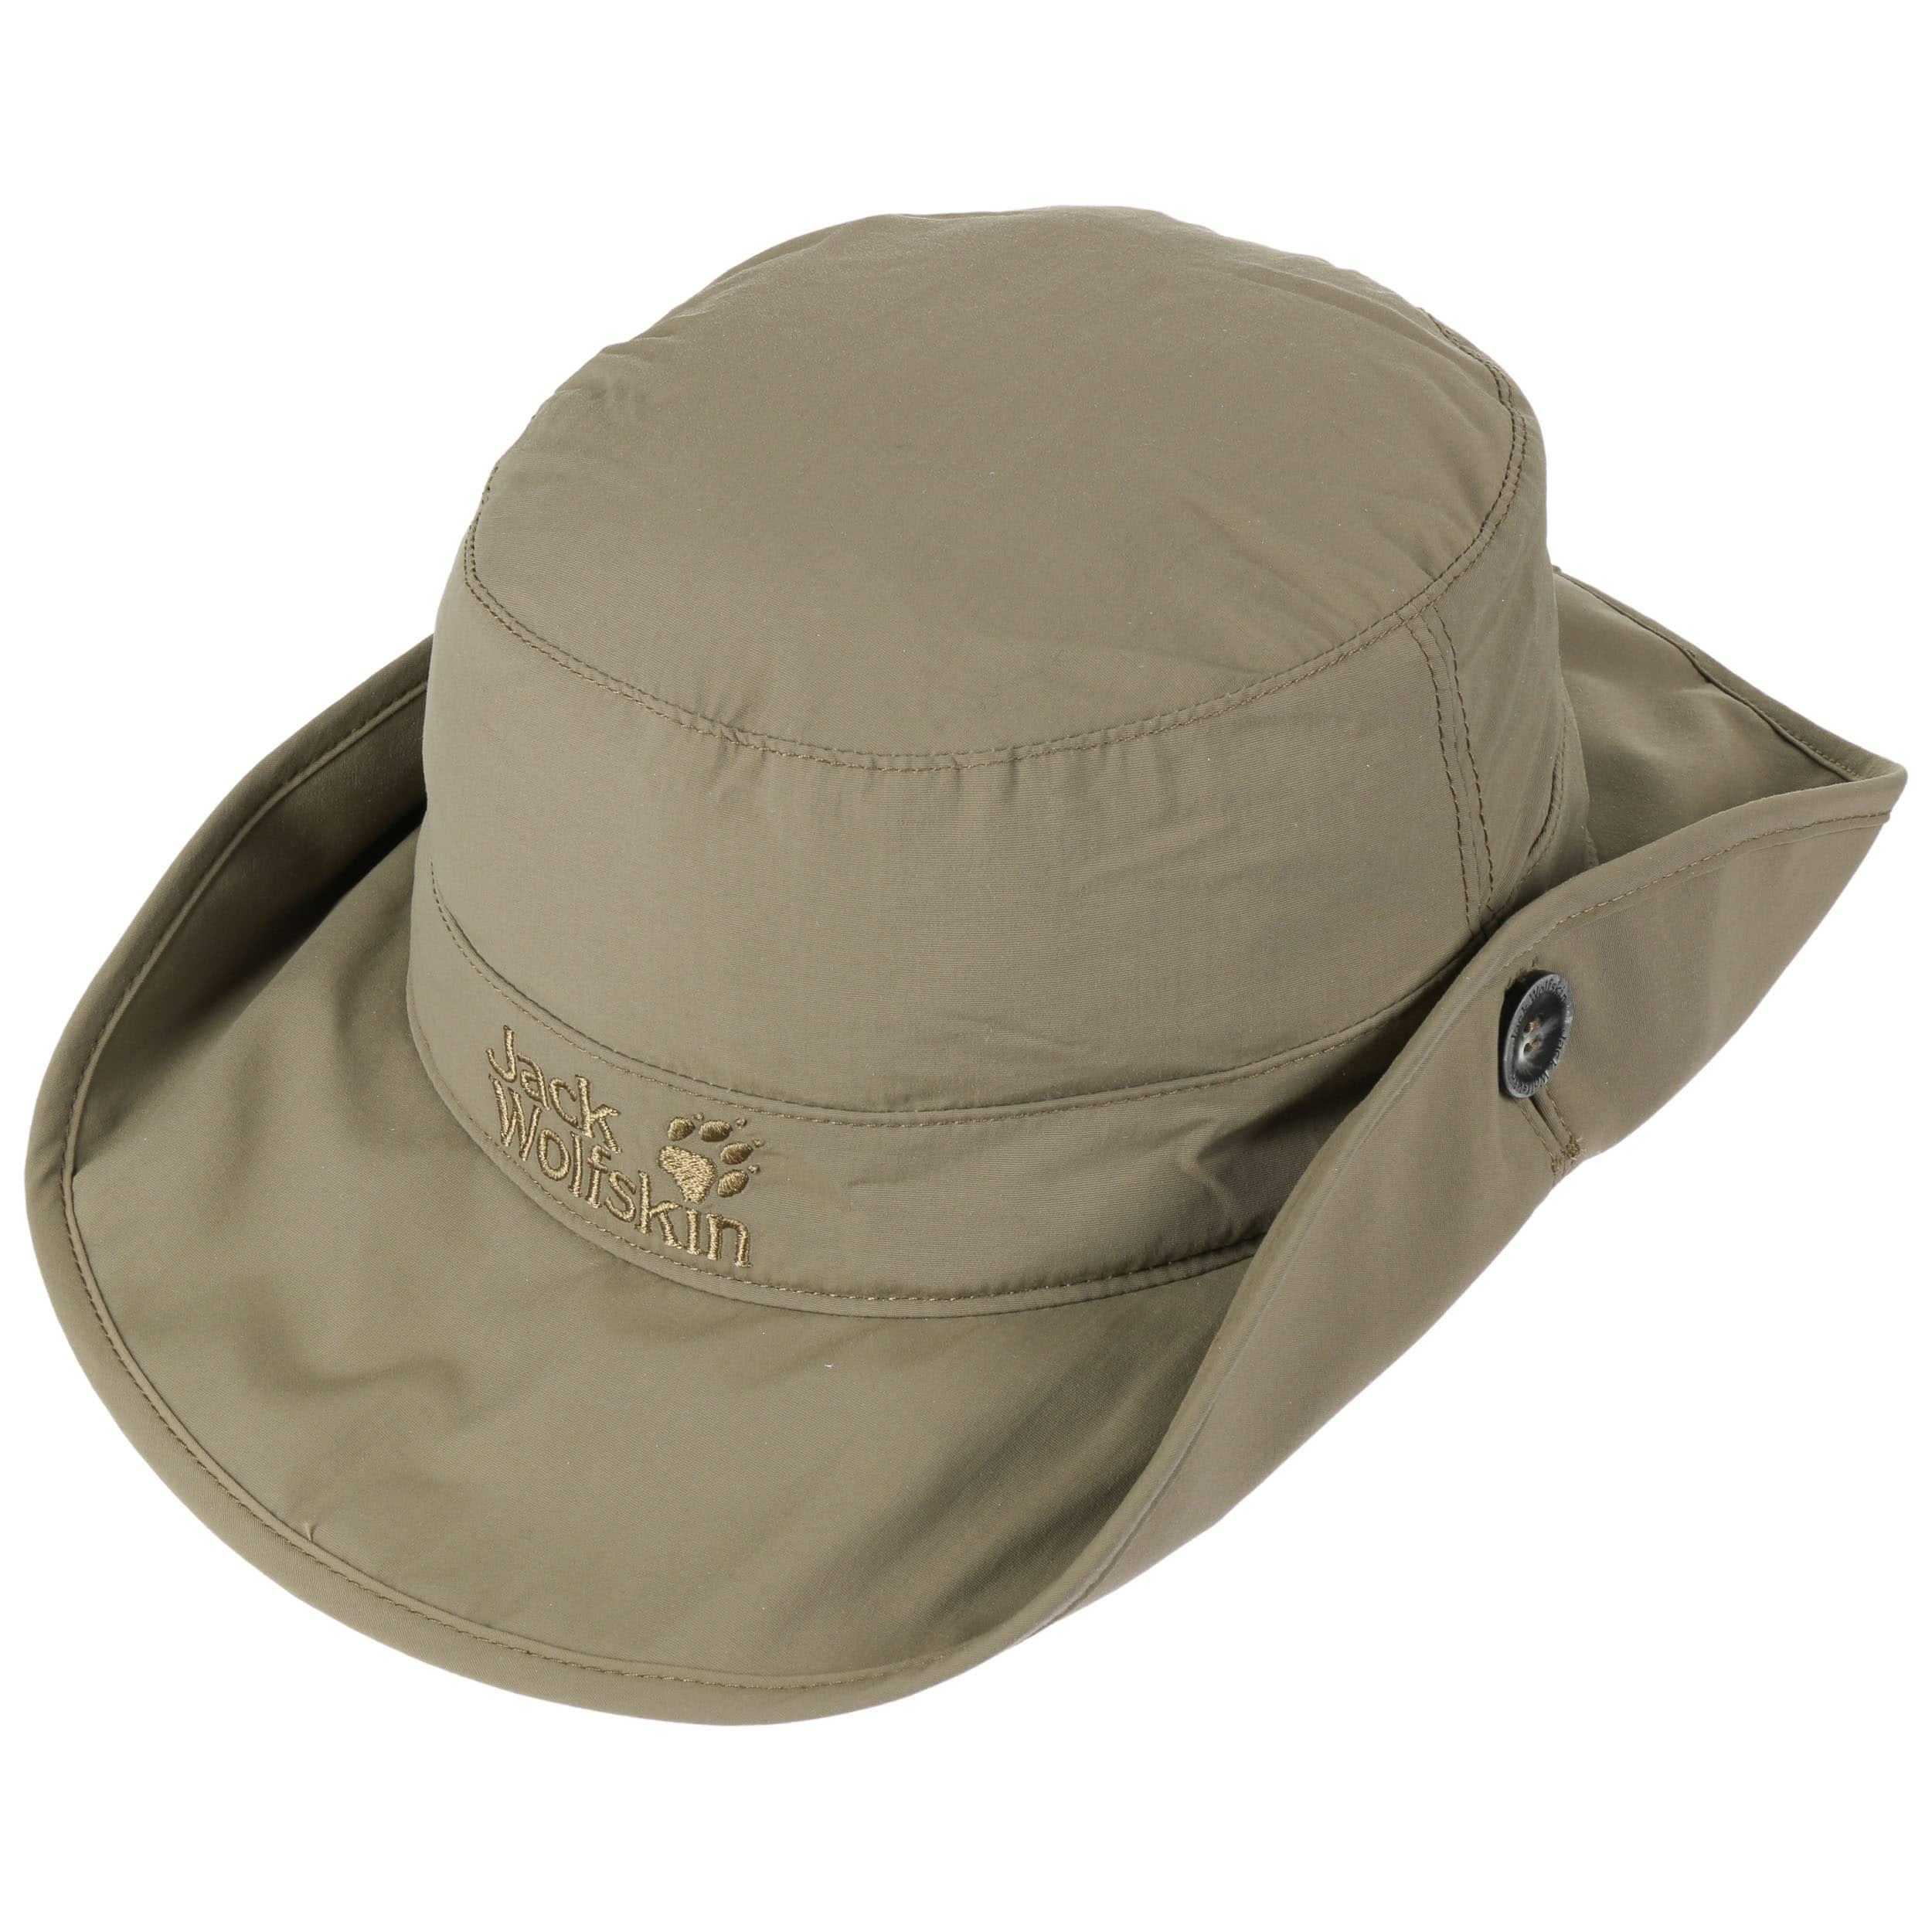 99cf8a7dc Supplex Mesh Outdoor Hat by Jack Wolfskin